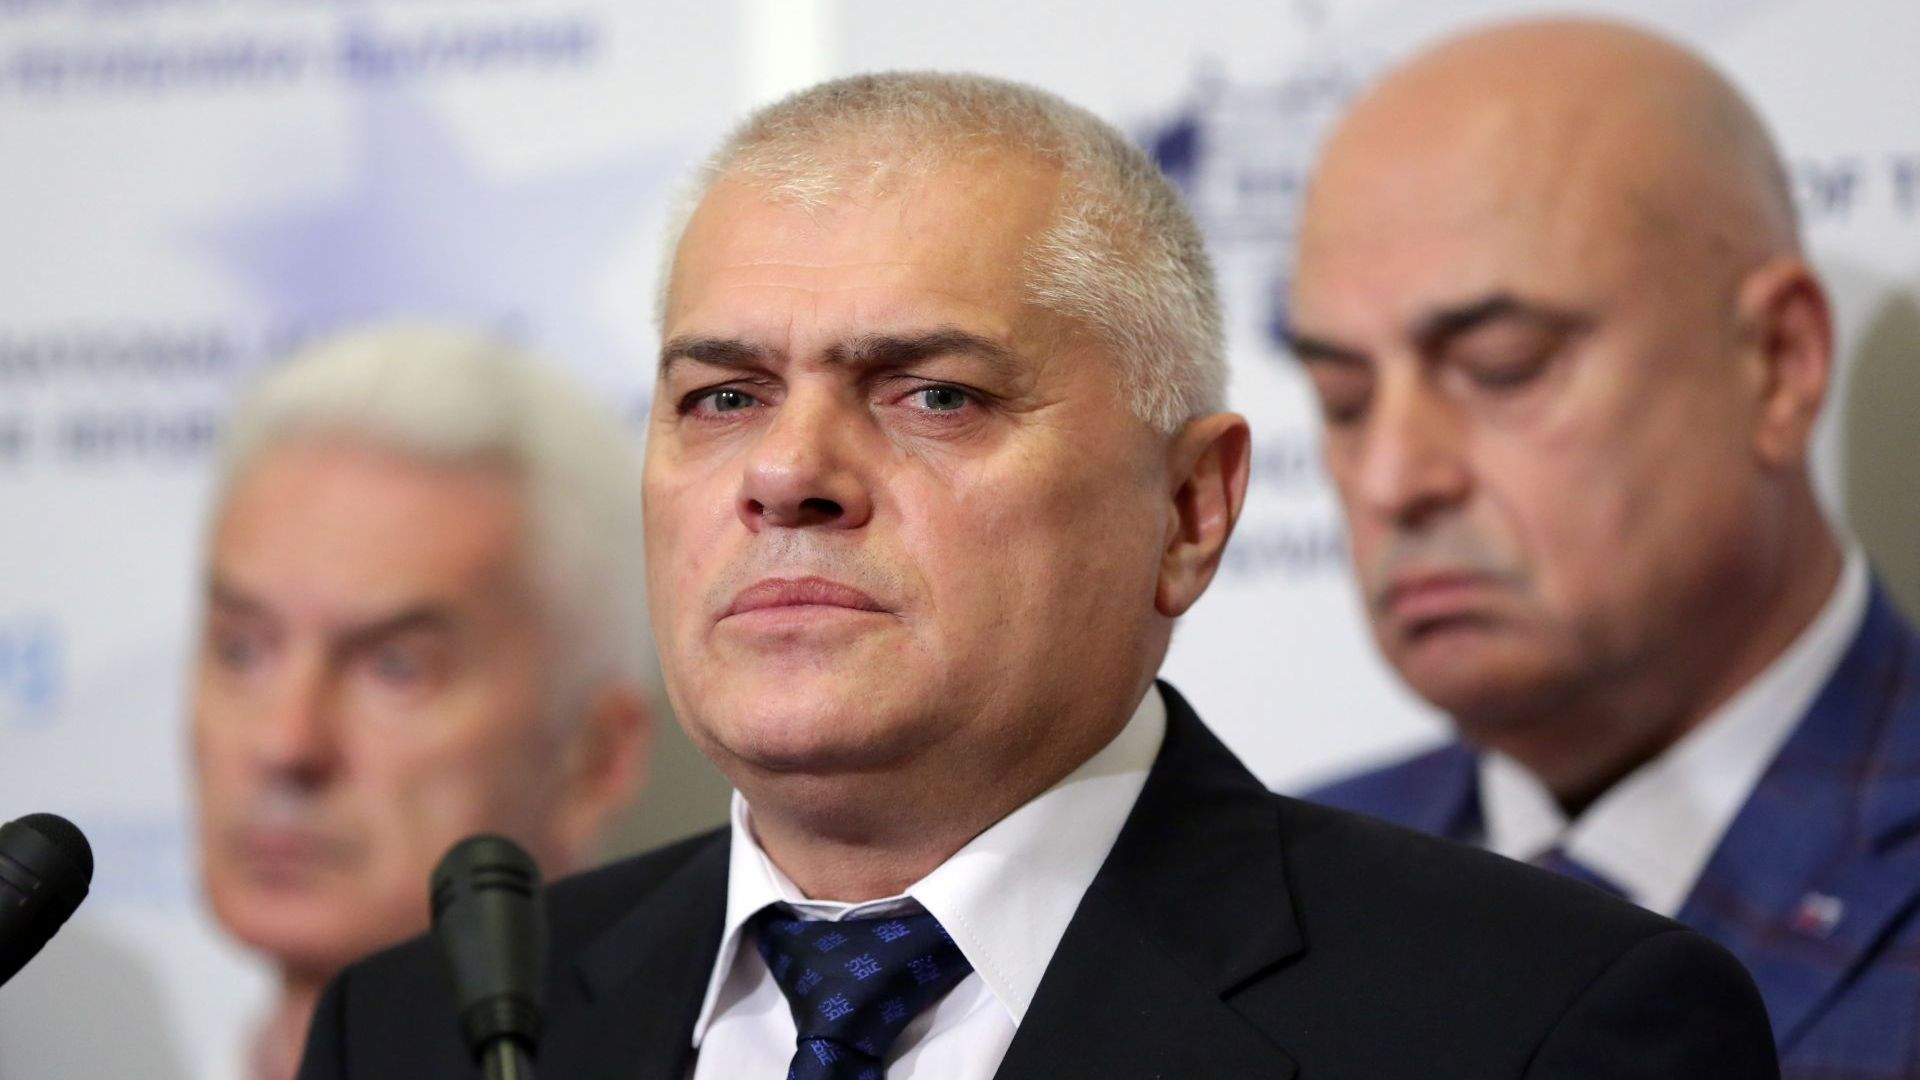 Валентин Радев: С 12.7% по-малко са жертвите на пътя за периода януари-юли в сравнение с 2017 г.